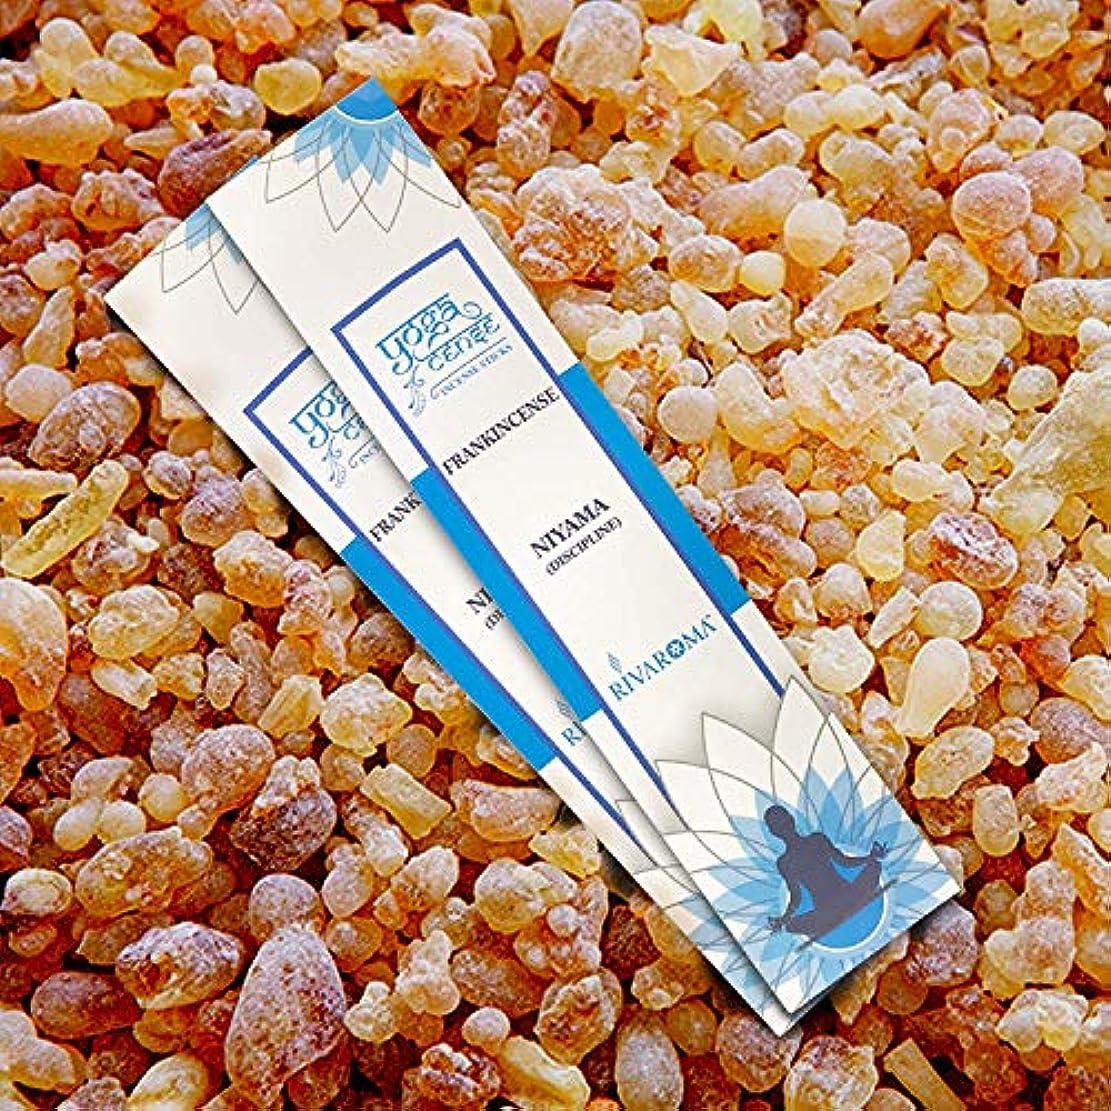 安心させるにおい社会Rivaroma Yoga cense (Frankincense) Incense Stick (15 Units)